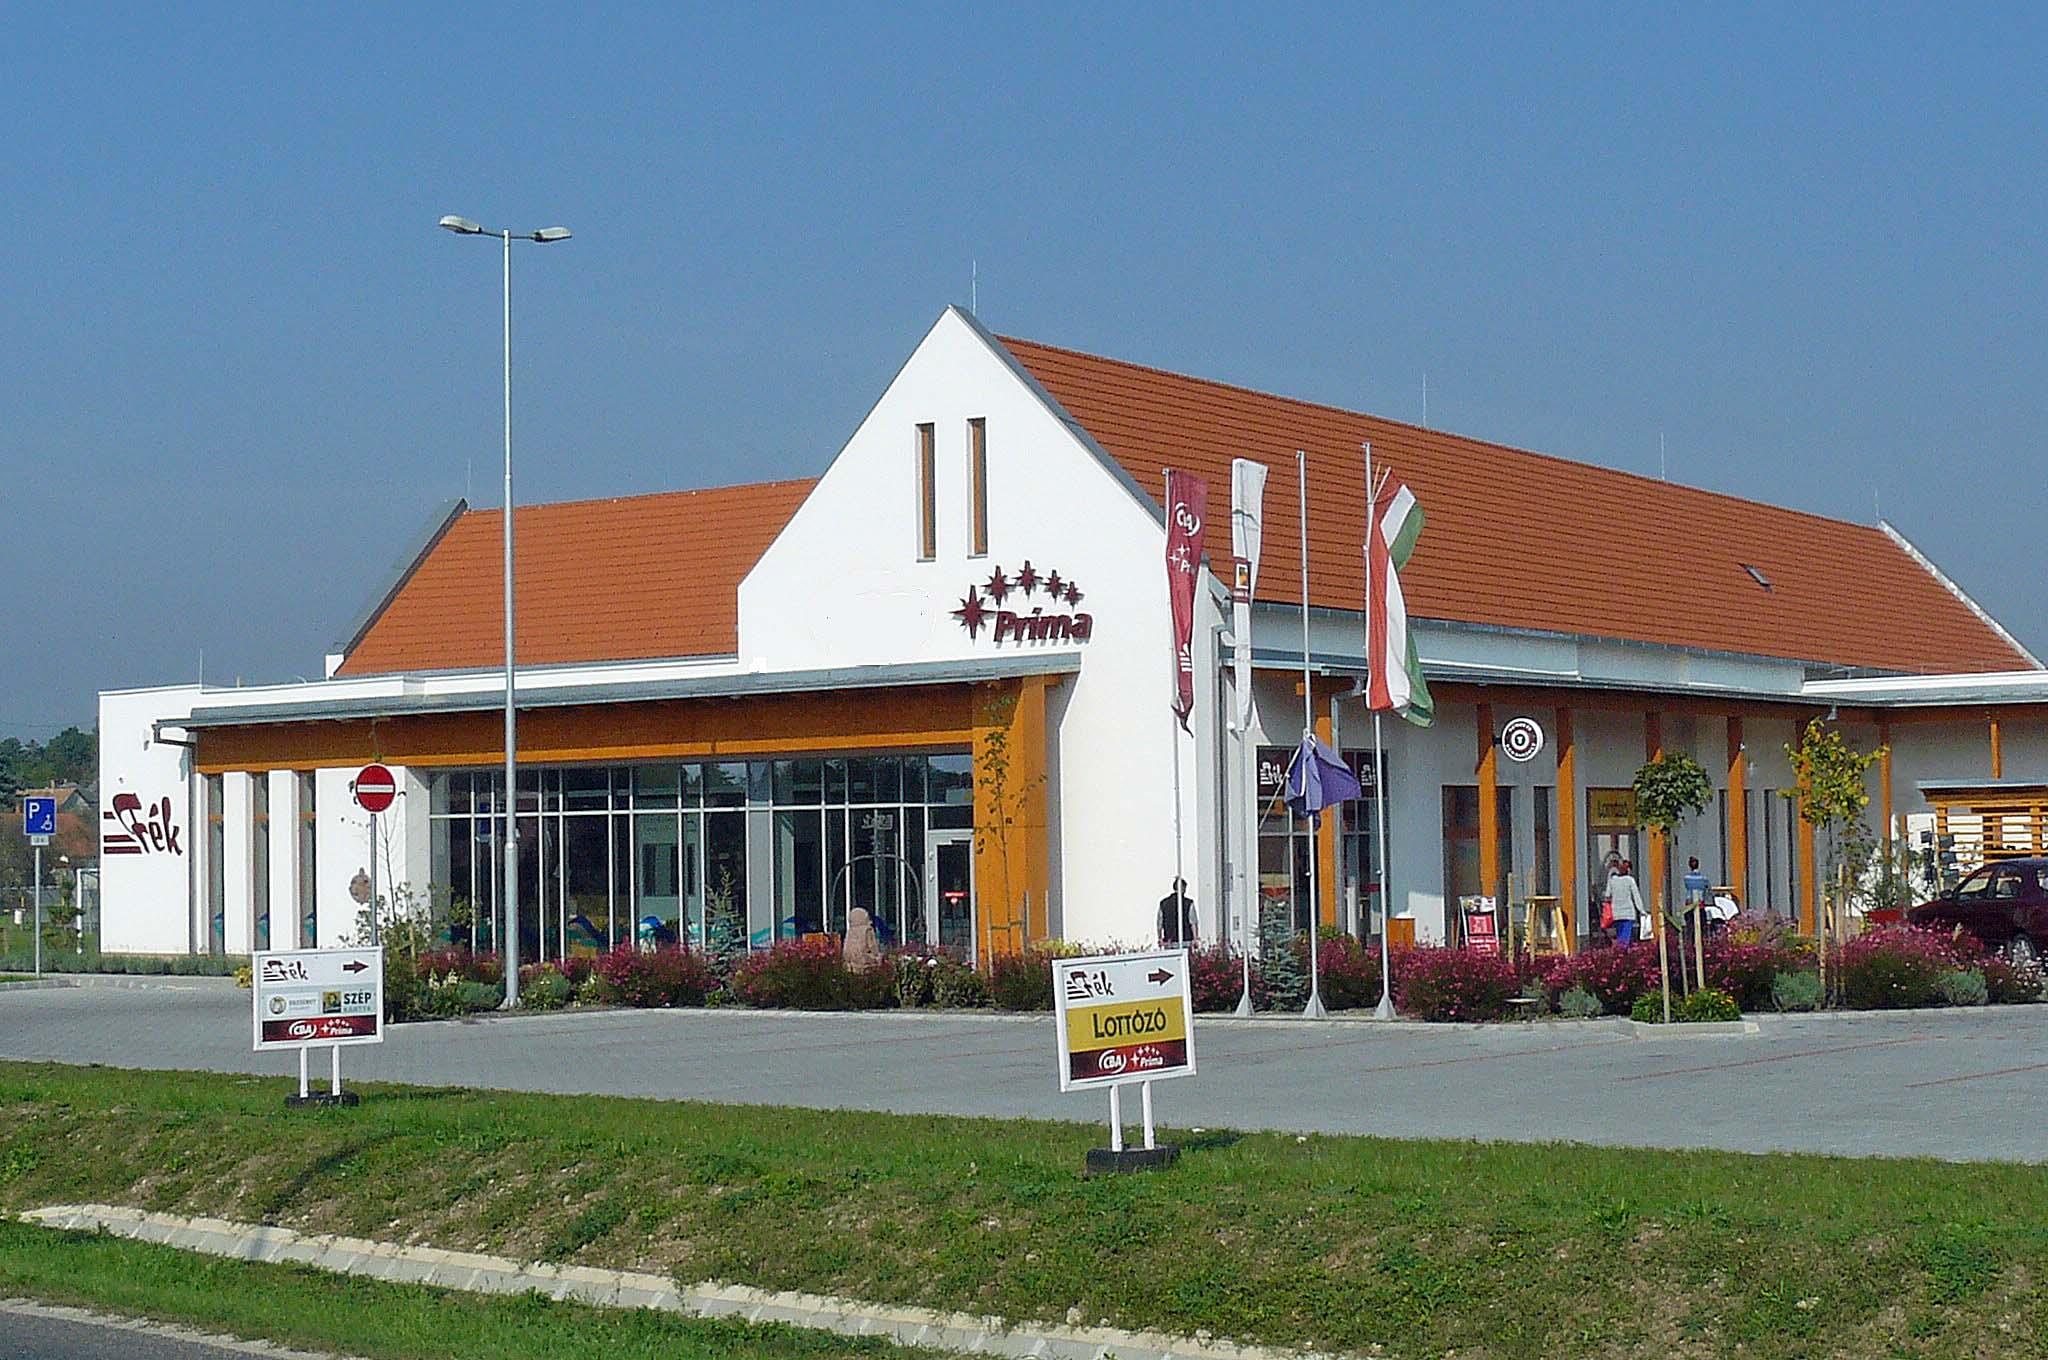 Moderne supermarkt met een sigarettenshop aan de zijkant van de winkel